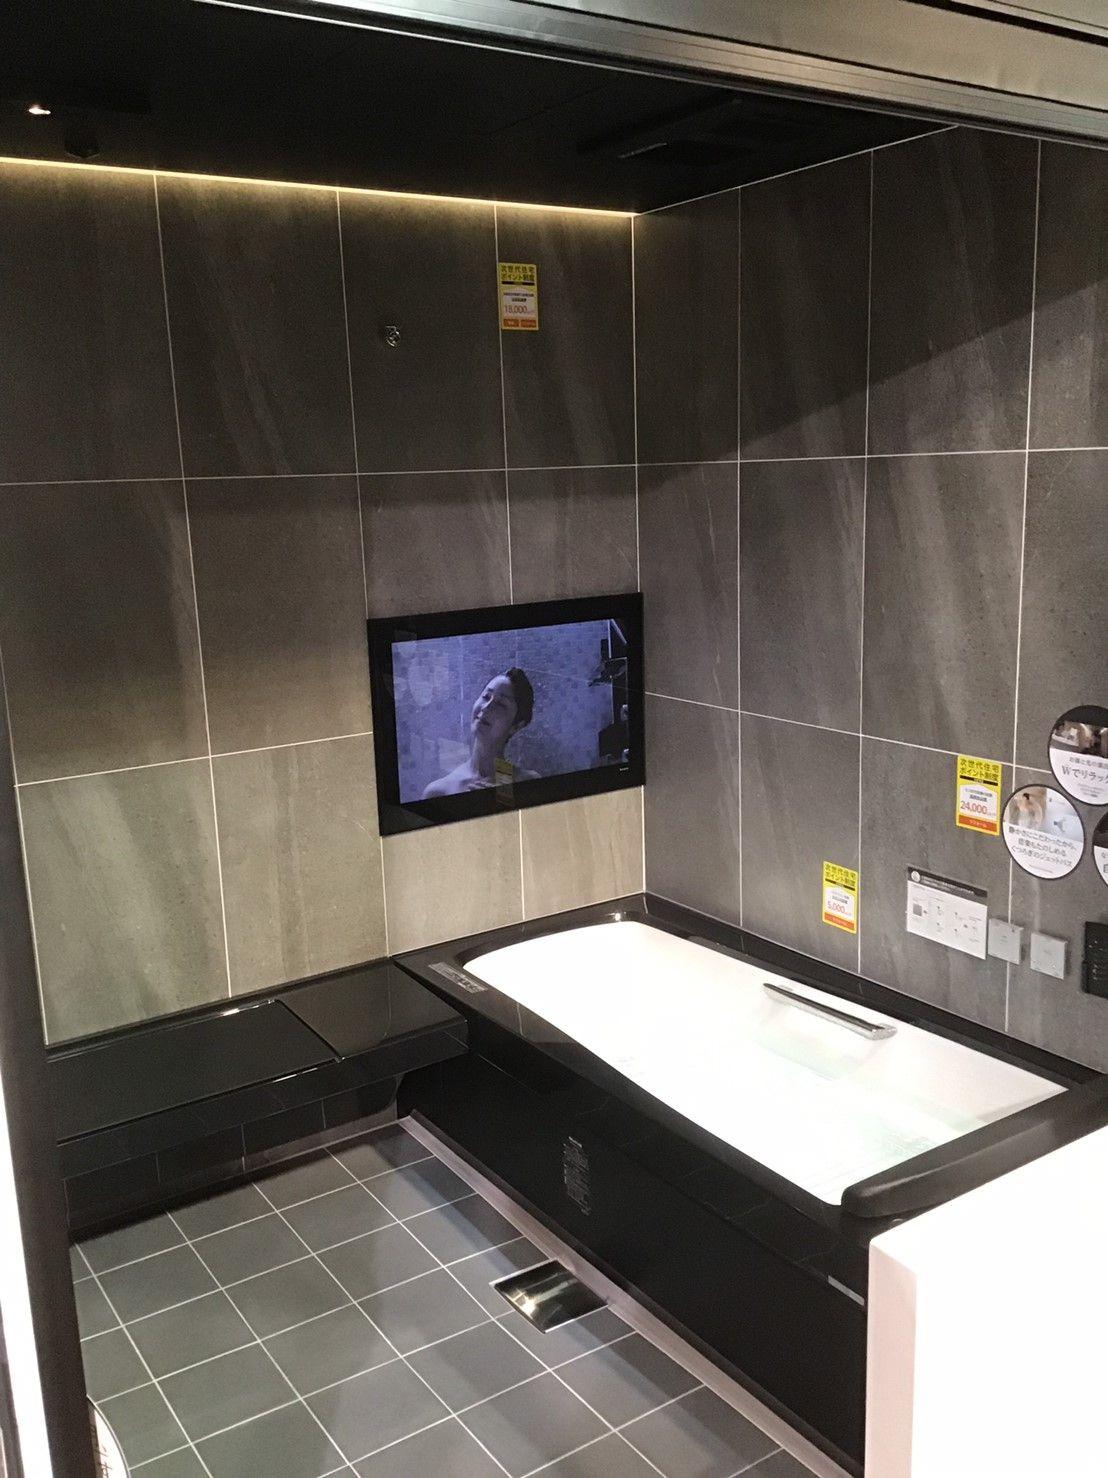 バスルーム リクシル スパージュ マットロックストーングレー スパージュ バスルーム 浴室 おしゃれ